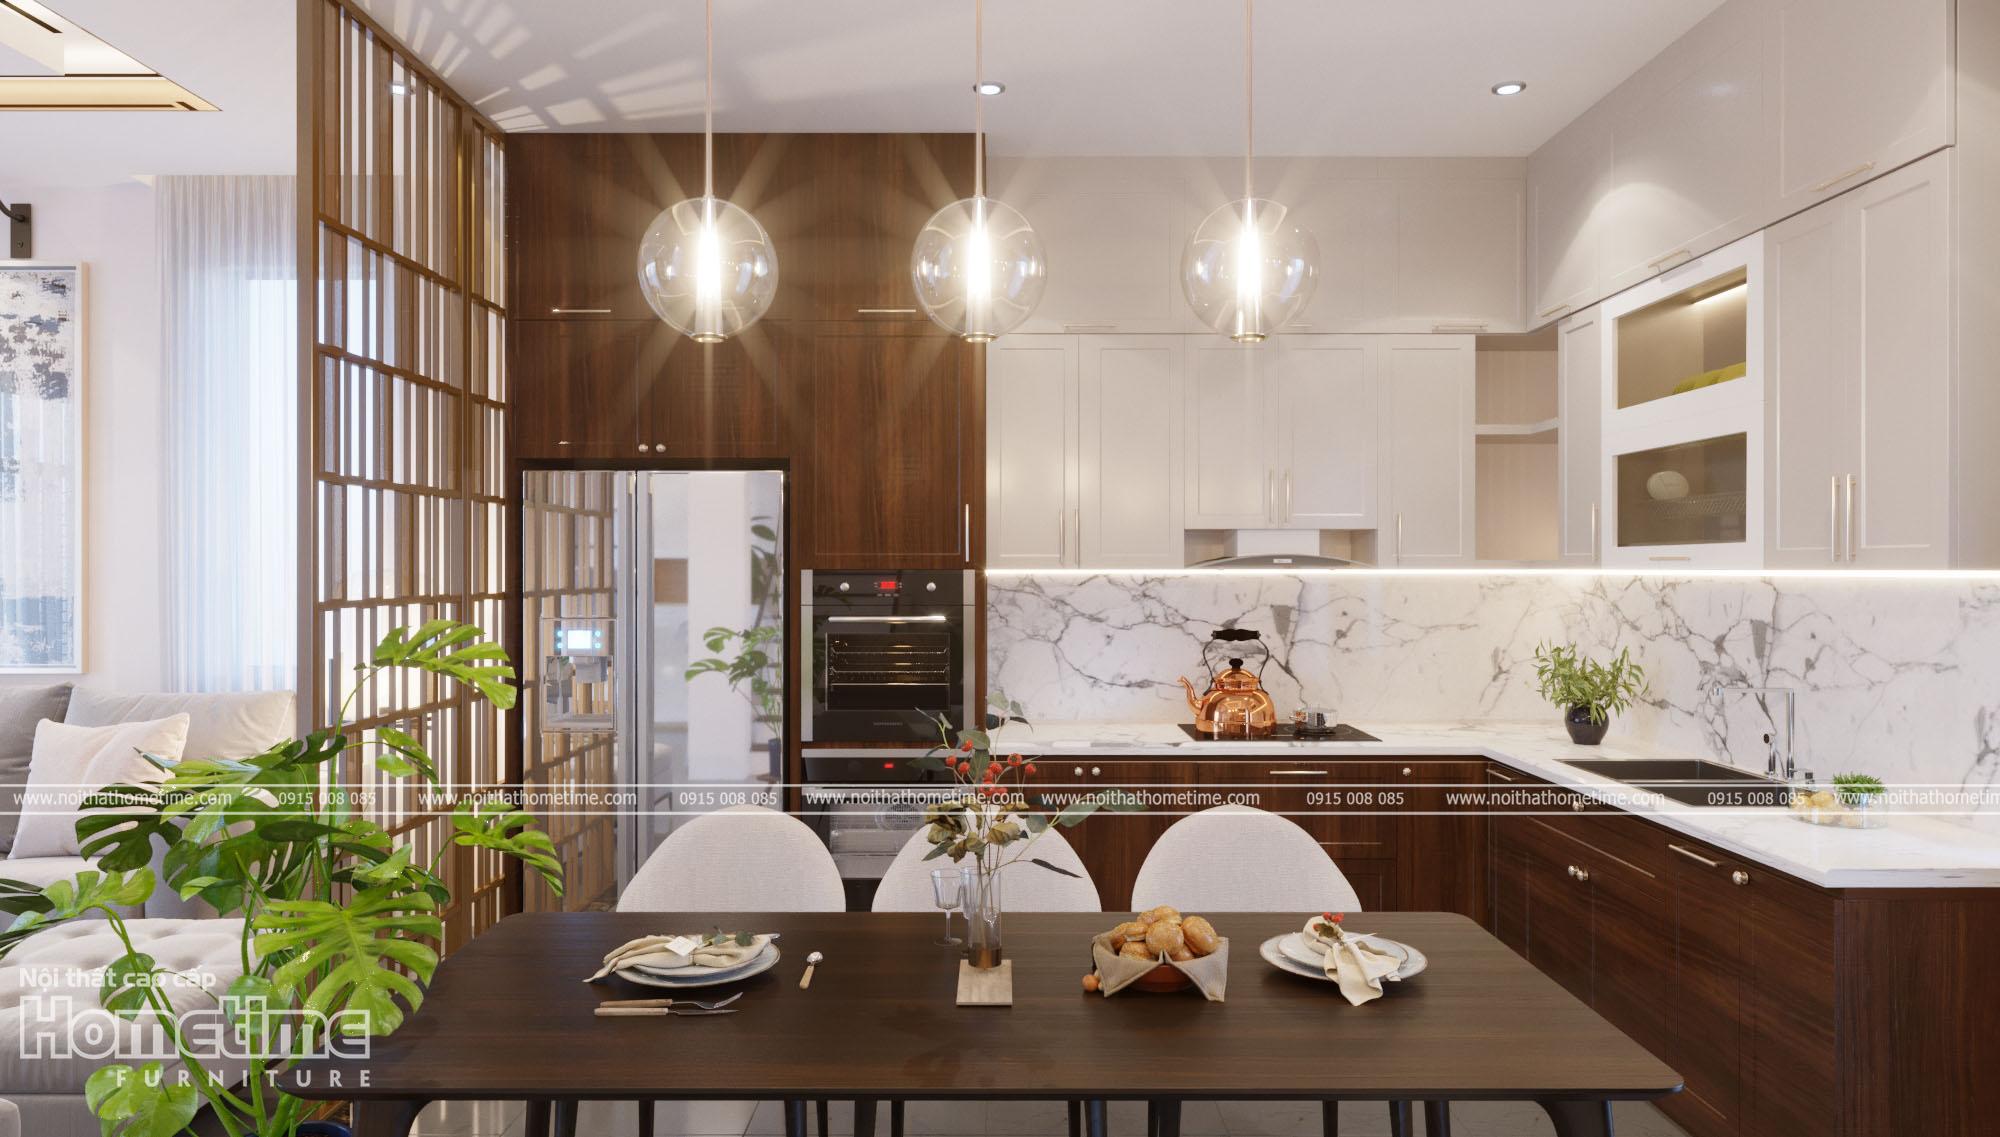 Nội thất phòng ăn sang trọng với ánh đèn trang trí rực rỡ